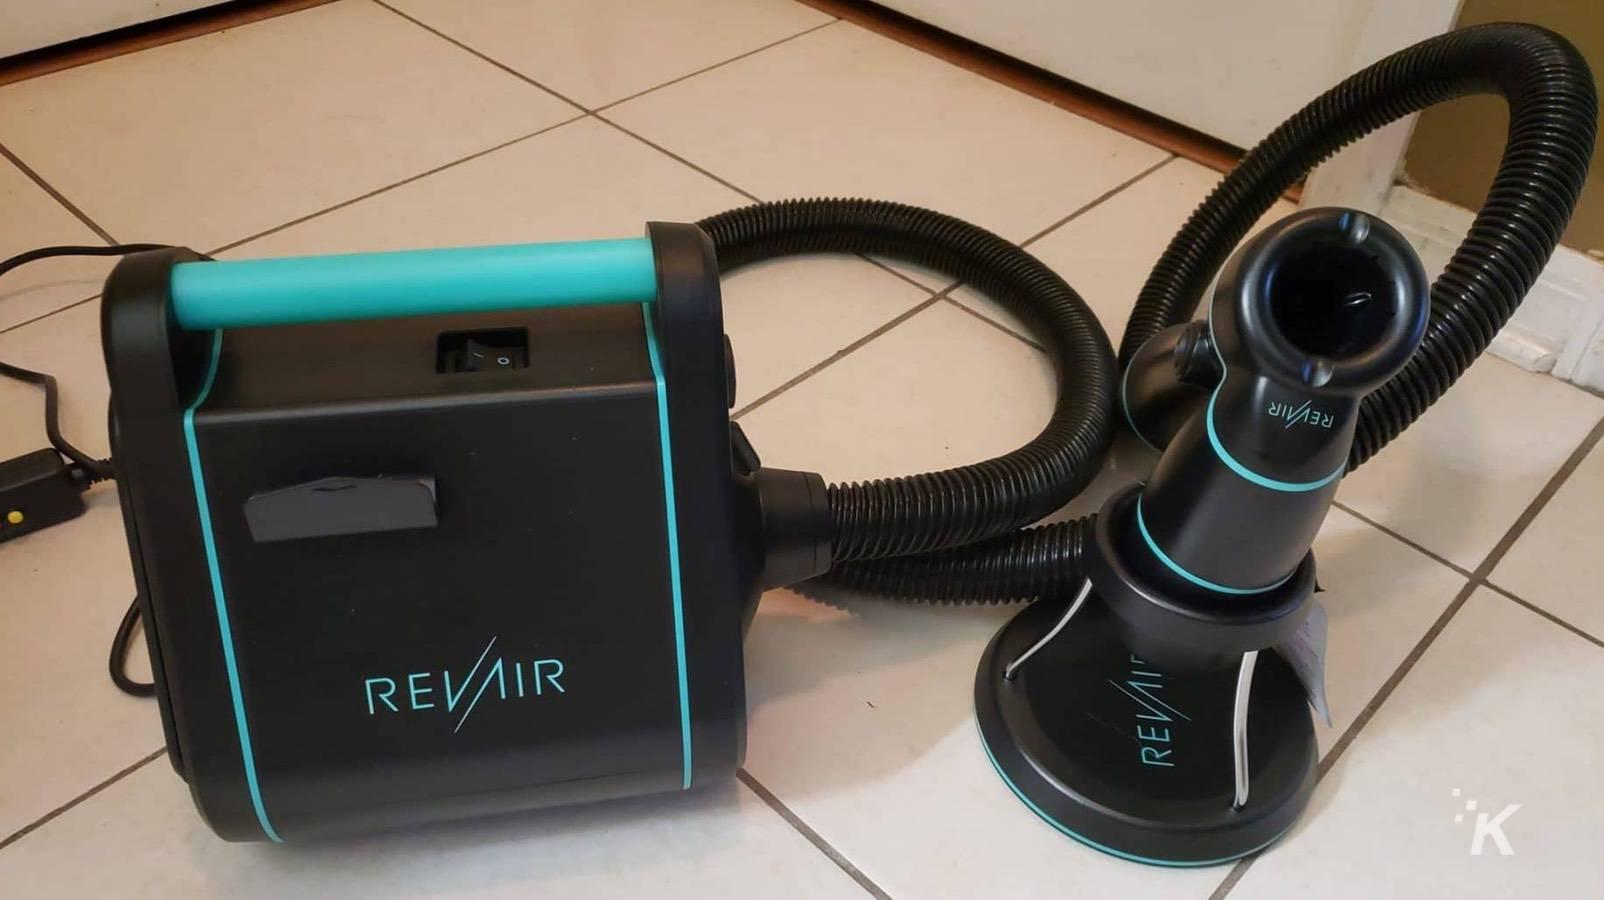 revair hair dryer